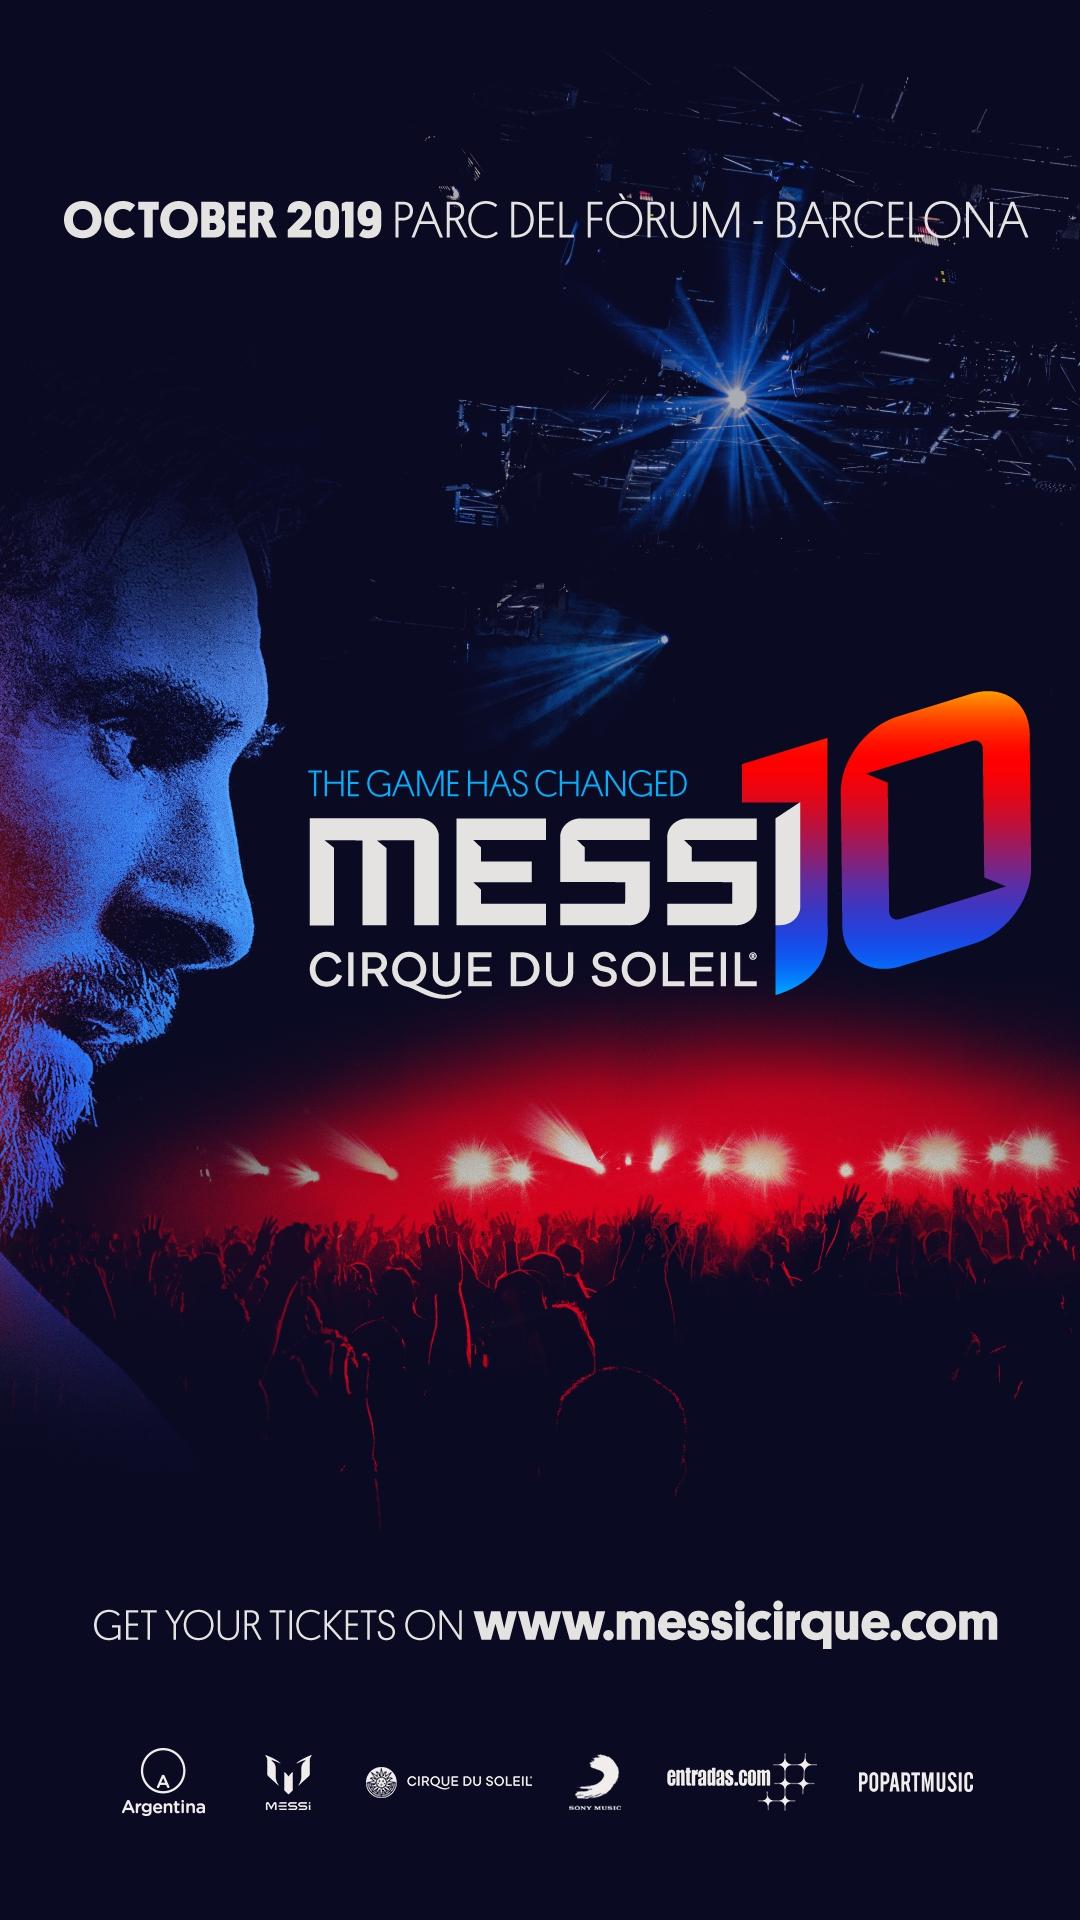 Fotografia Messi Cirque Du Soleil